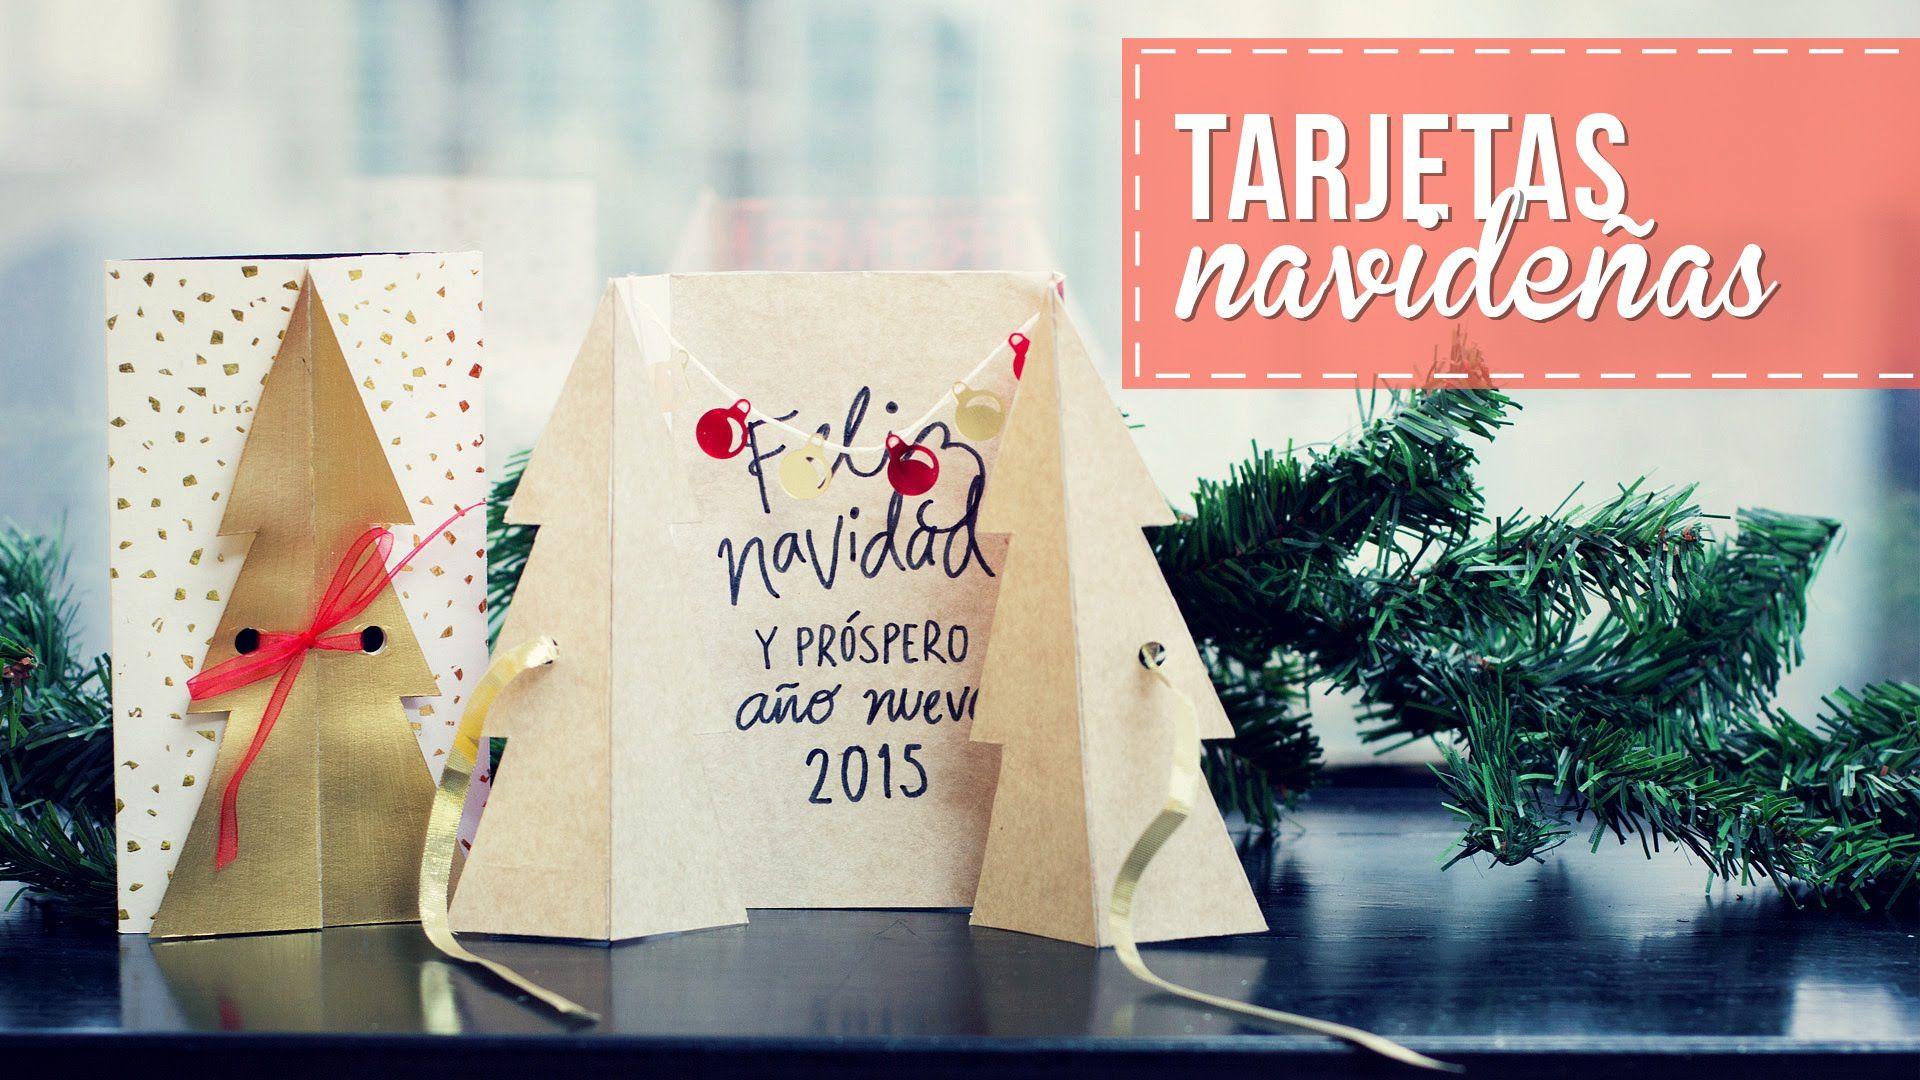 Tarjetas navideñas, bonitas y fáciles! -Anie | regalitos | Pinterest ...